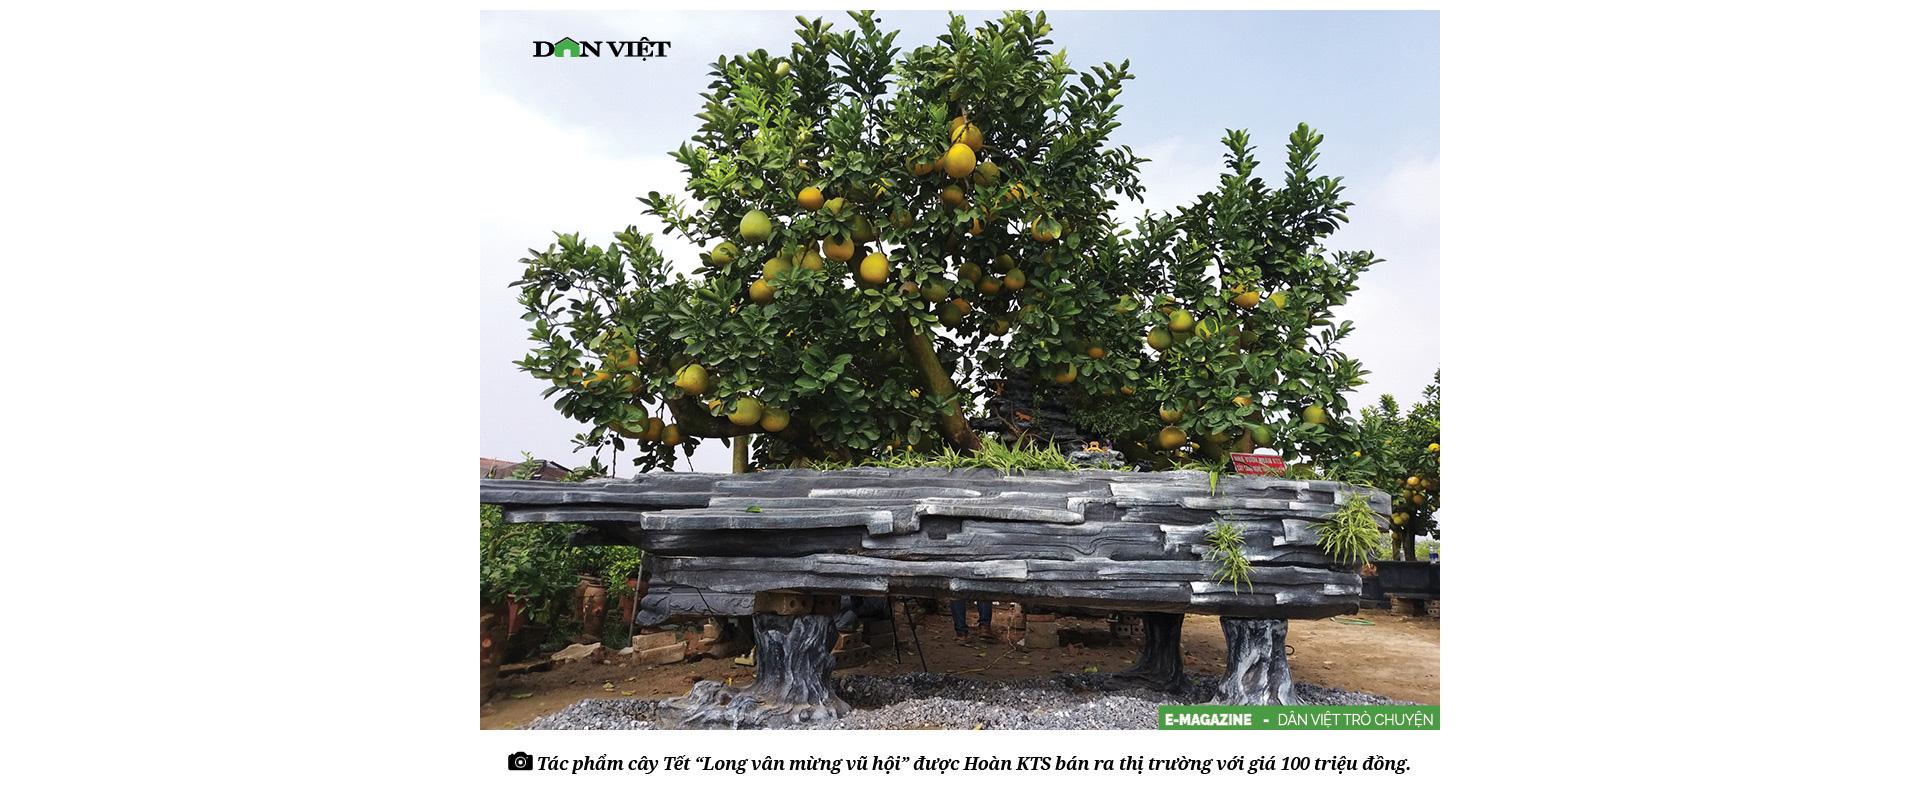 Kiến trúc sư 8x và hành trình sáng tạo các tuyệt phẩm cây Tết độc đáo nhất Việt Nam - Ảnh 7.